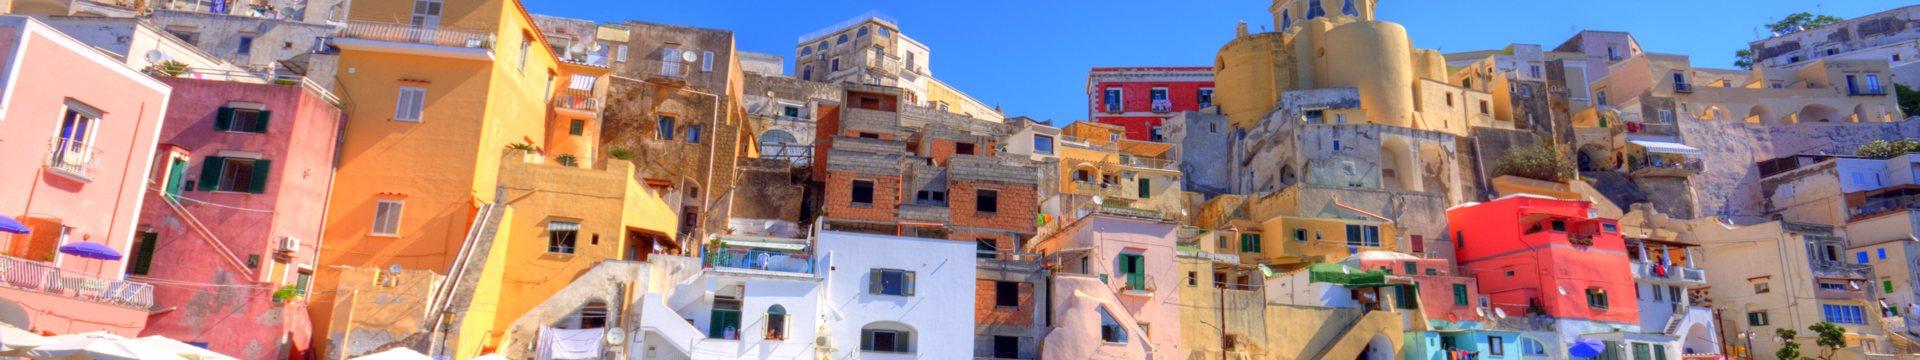 Sorrento en Amalfikust